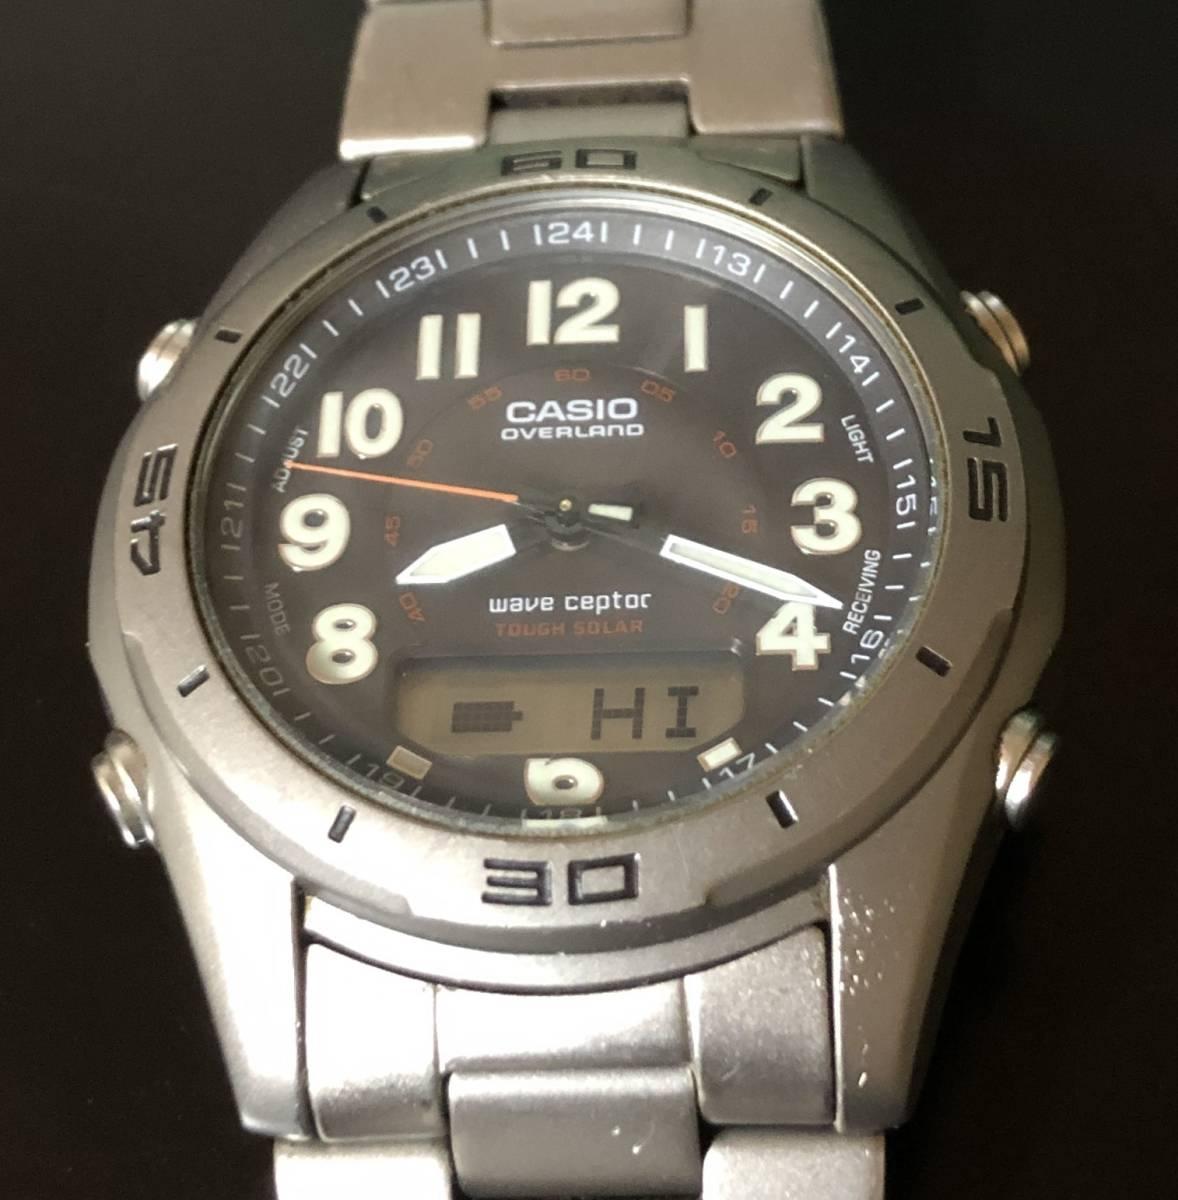 【送料込み】カシオ 電波ソーラー腕時計 チタン製 オーバーランド CASIO OVERLAND OAW-100【最落なし/格安スタート】_画像8